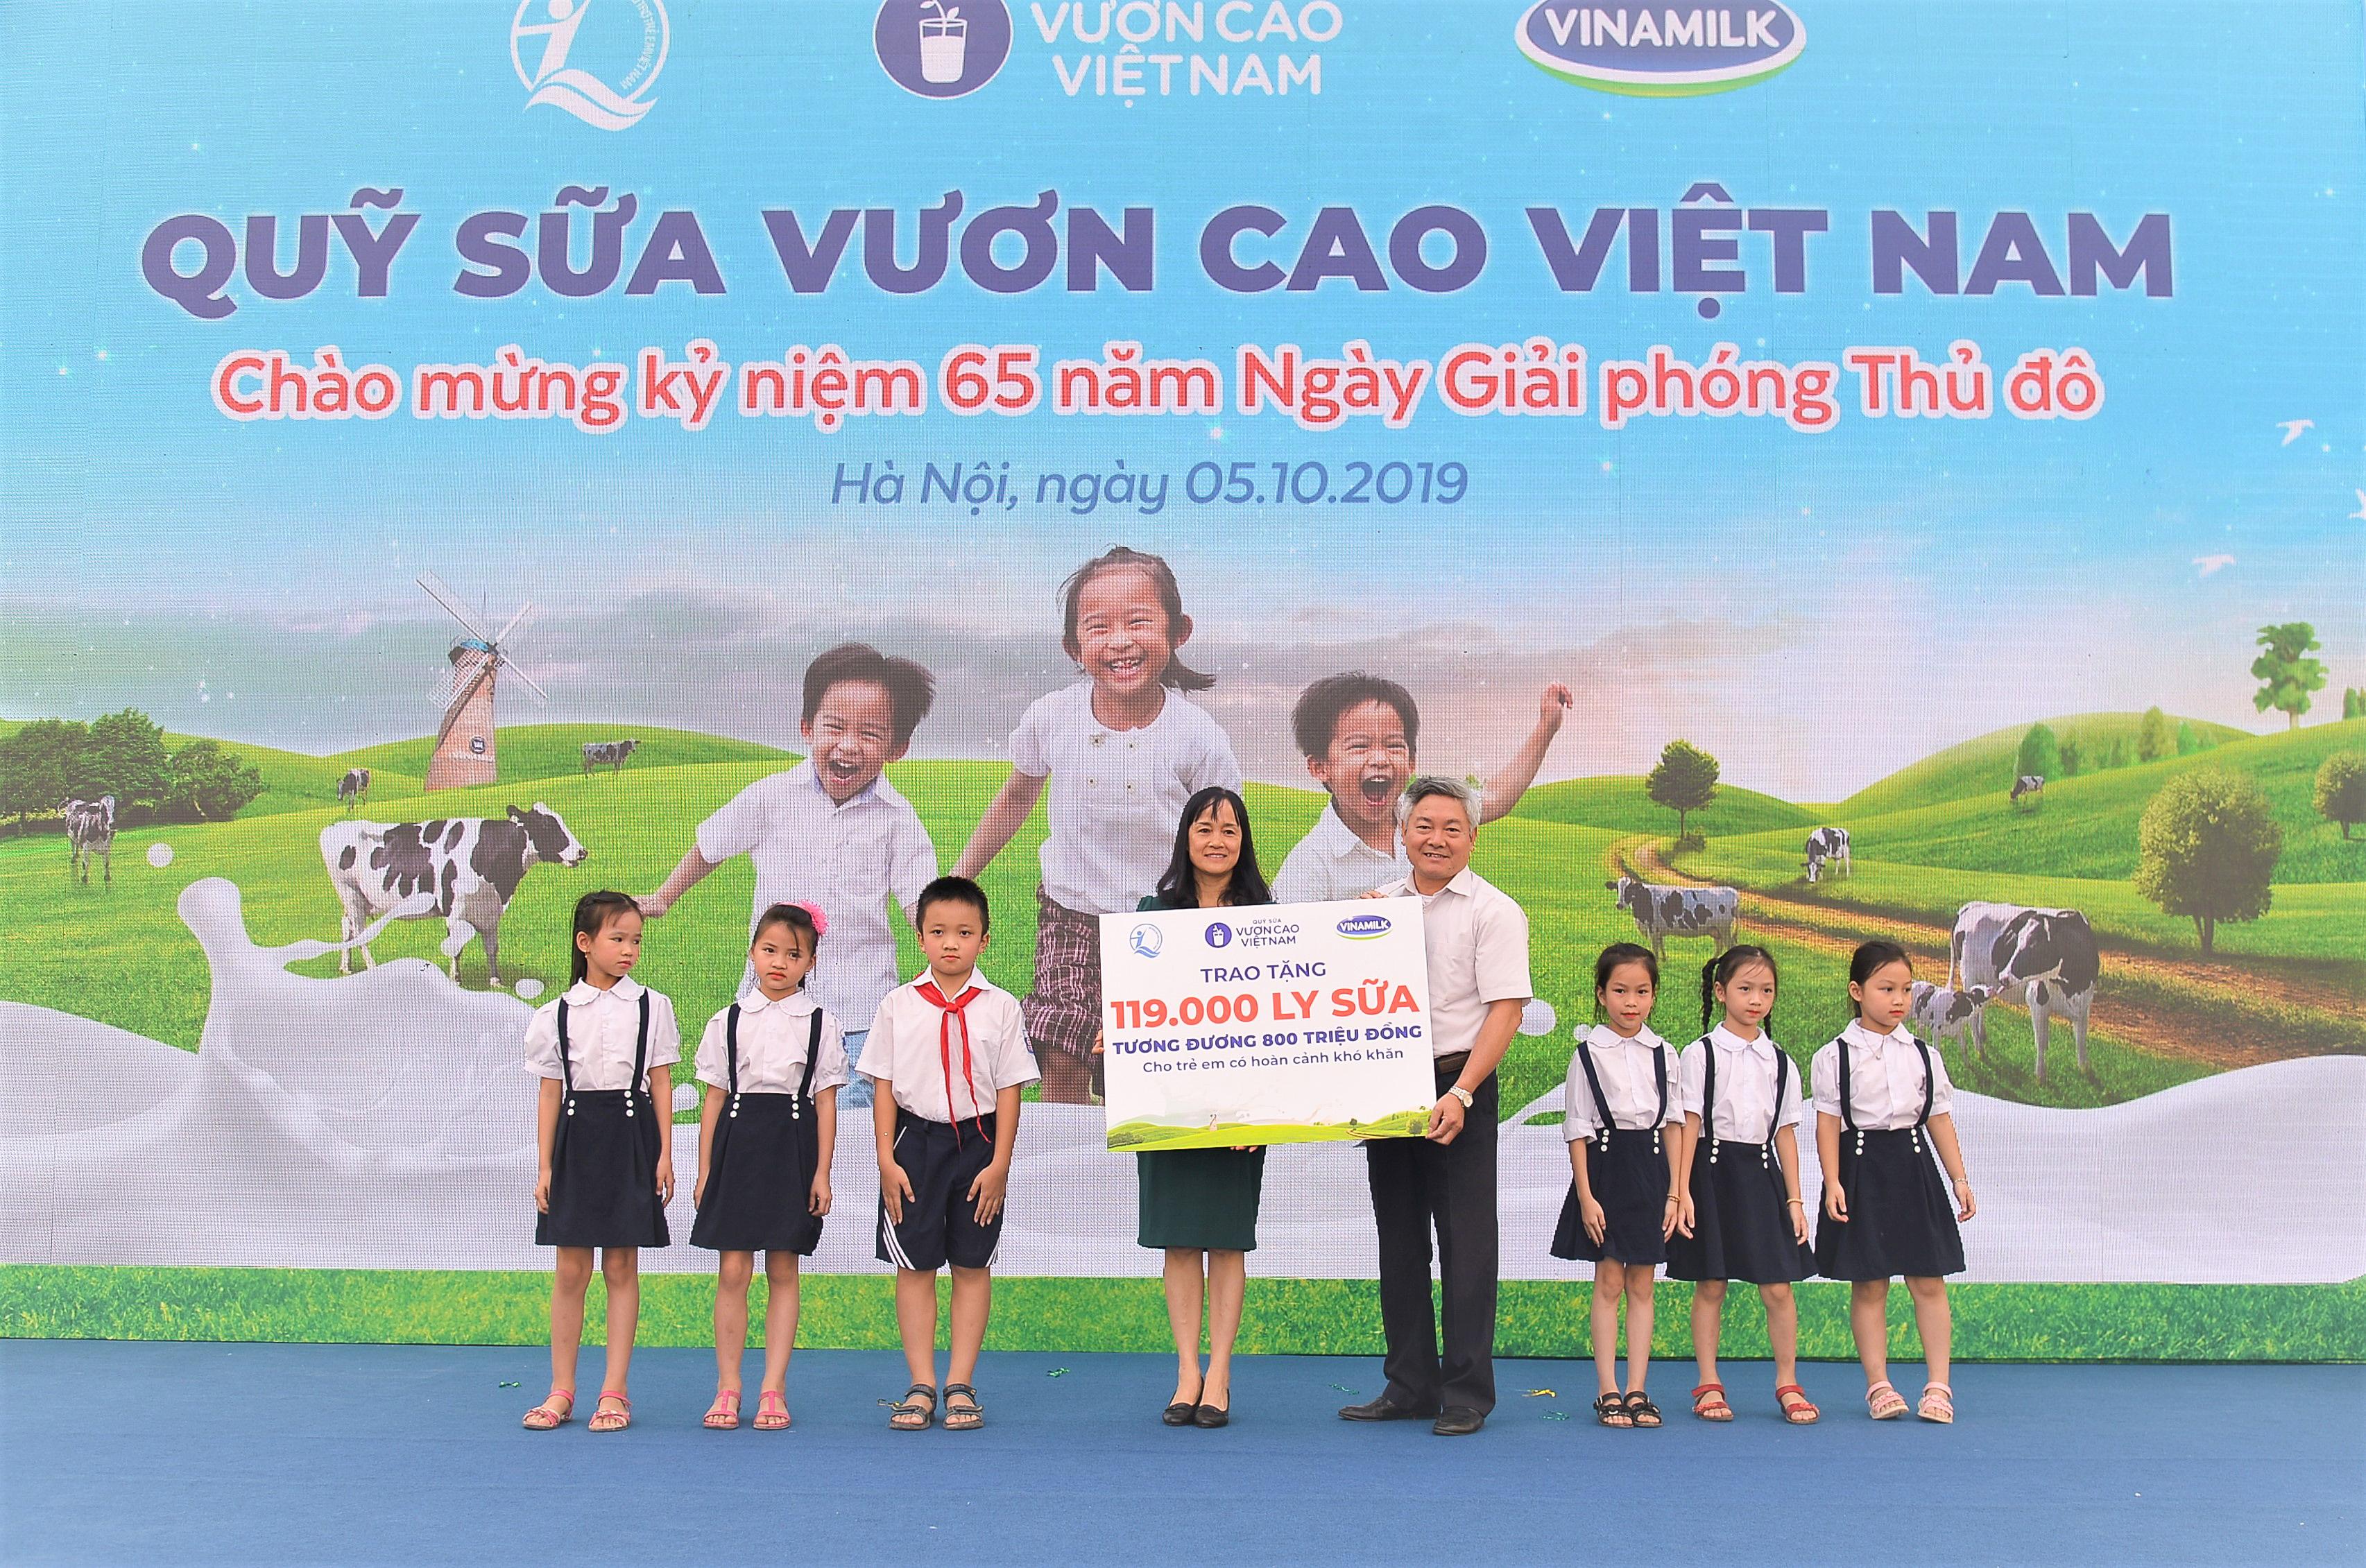 Bà Nguyễn Minh Tâm, Giám đốc Chi nhánh Vinamilk Hà Nội trao tặng bảng tượng trưng 119.000 ly sữa của Quỹ sữa Vươn cao Việt Nam cho hơn 1.300 em học sinh có hoàn cảnh khó khăn tại Hà Nội.